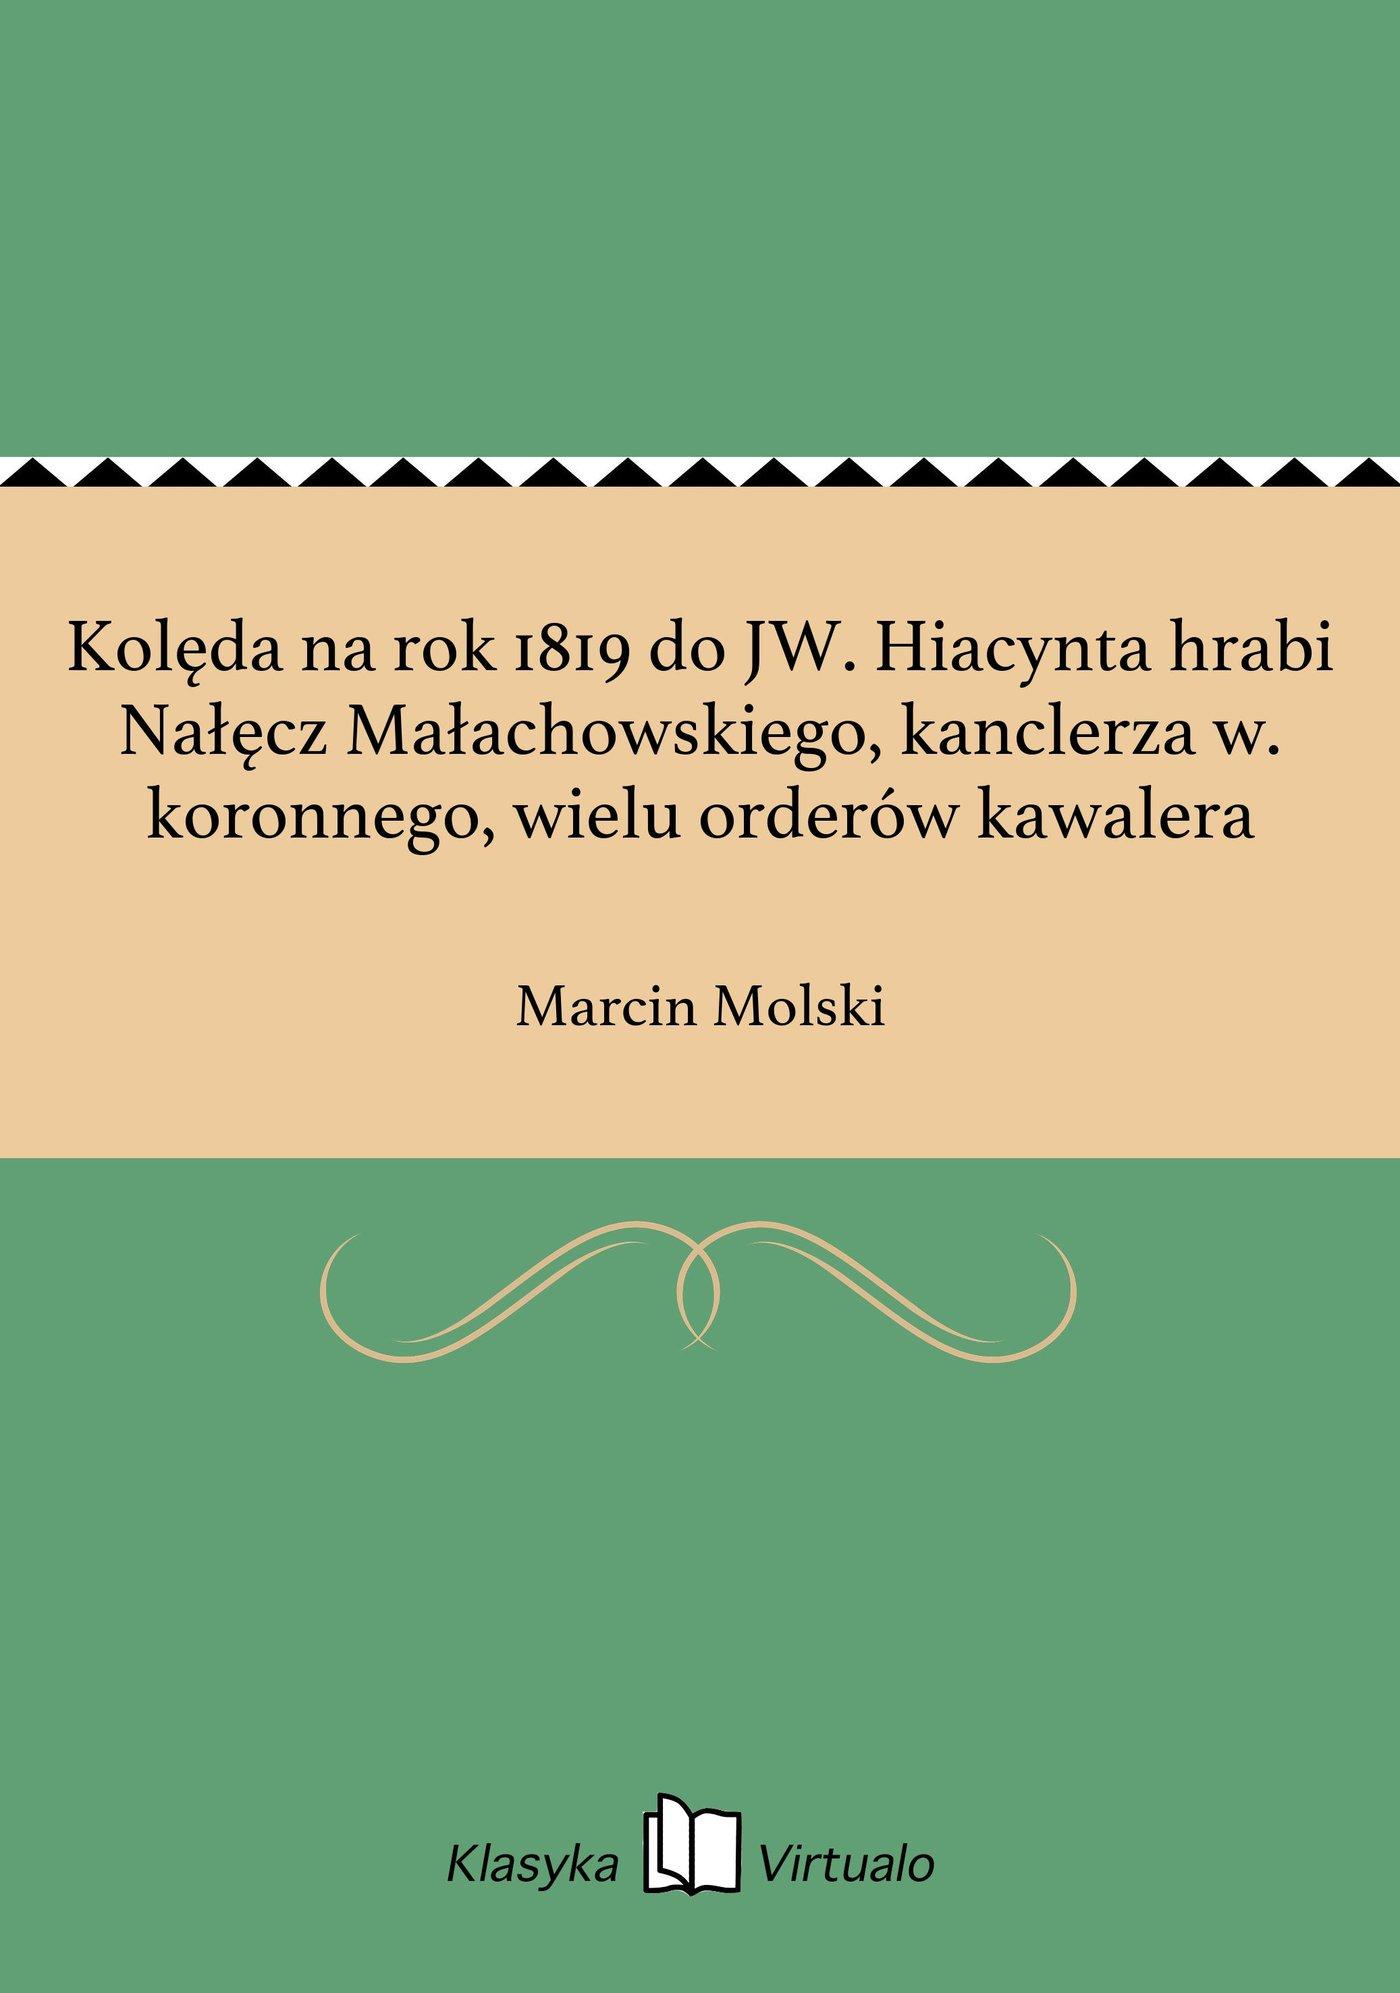 Kolęda na rok 1819 do JW. Hiacynta hrabi Nałęcz Małachowskiego, kanclerza w. koronnego, wielu orderów kawalera - Ebook (Książka EPUB) do pobrania w formacie EPUB